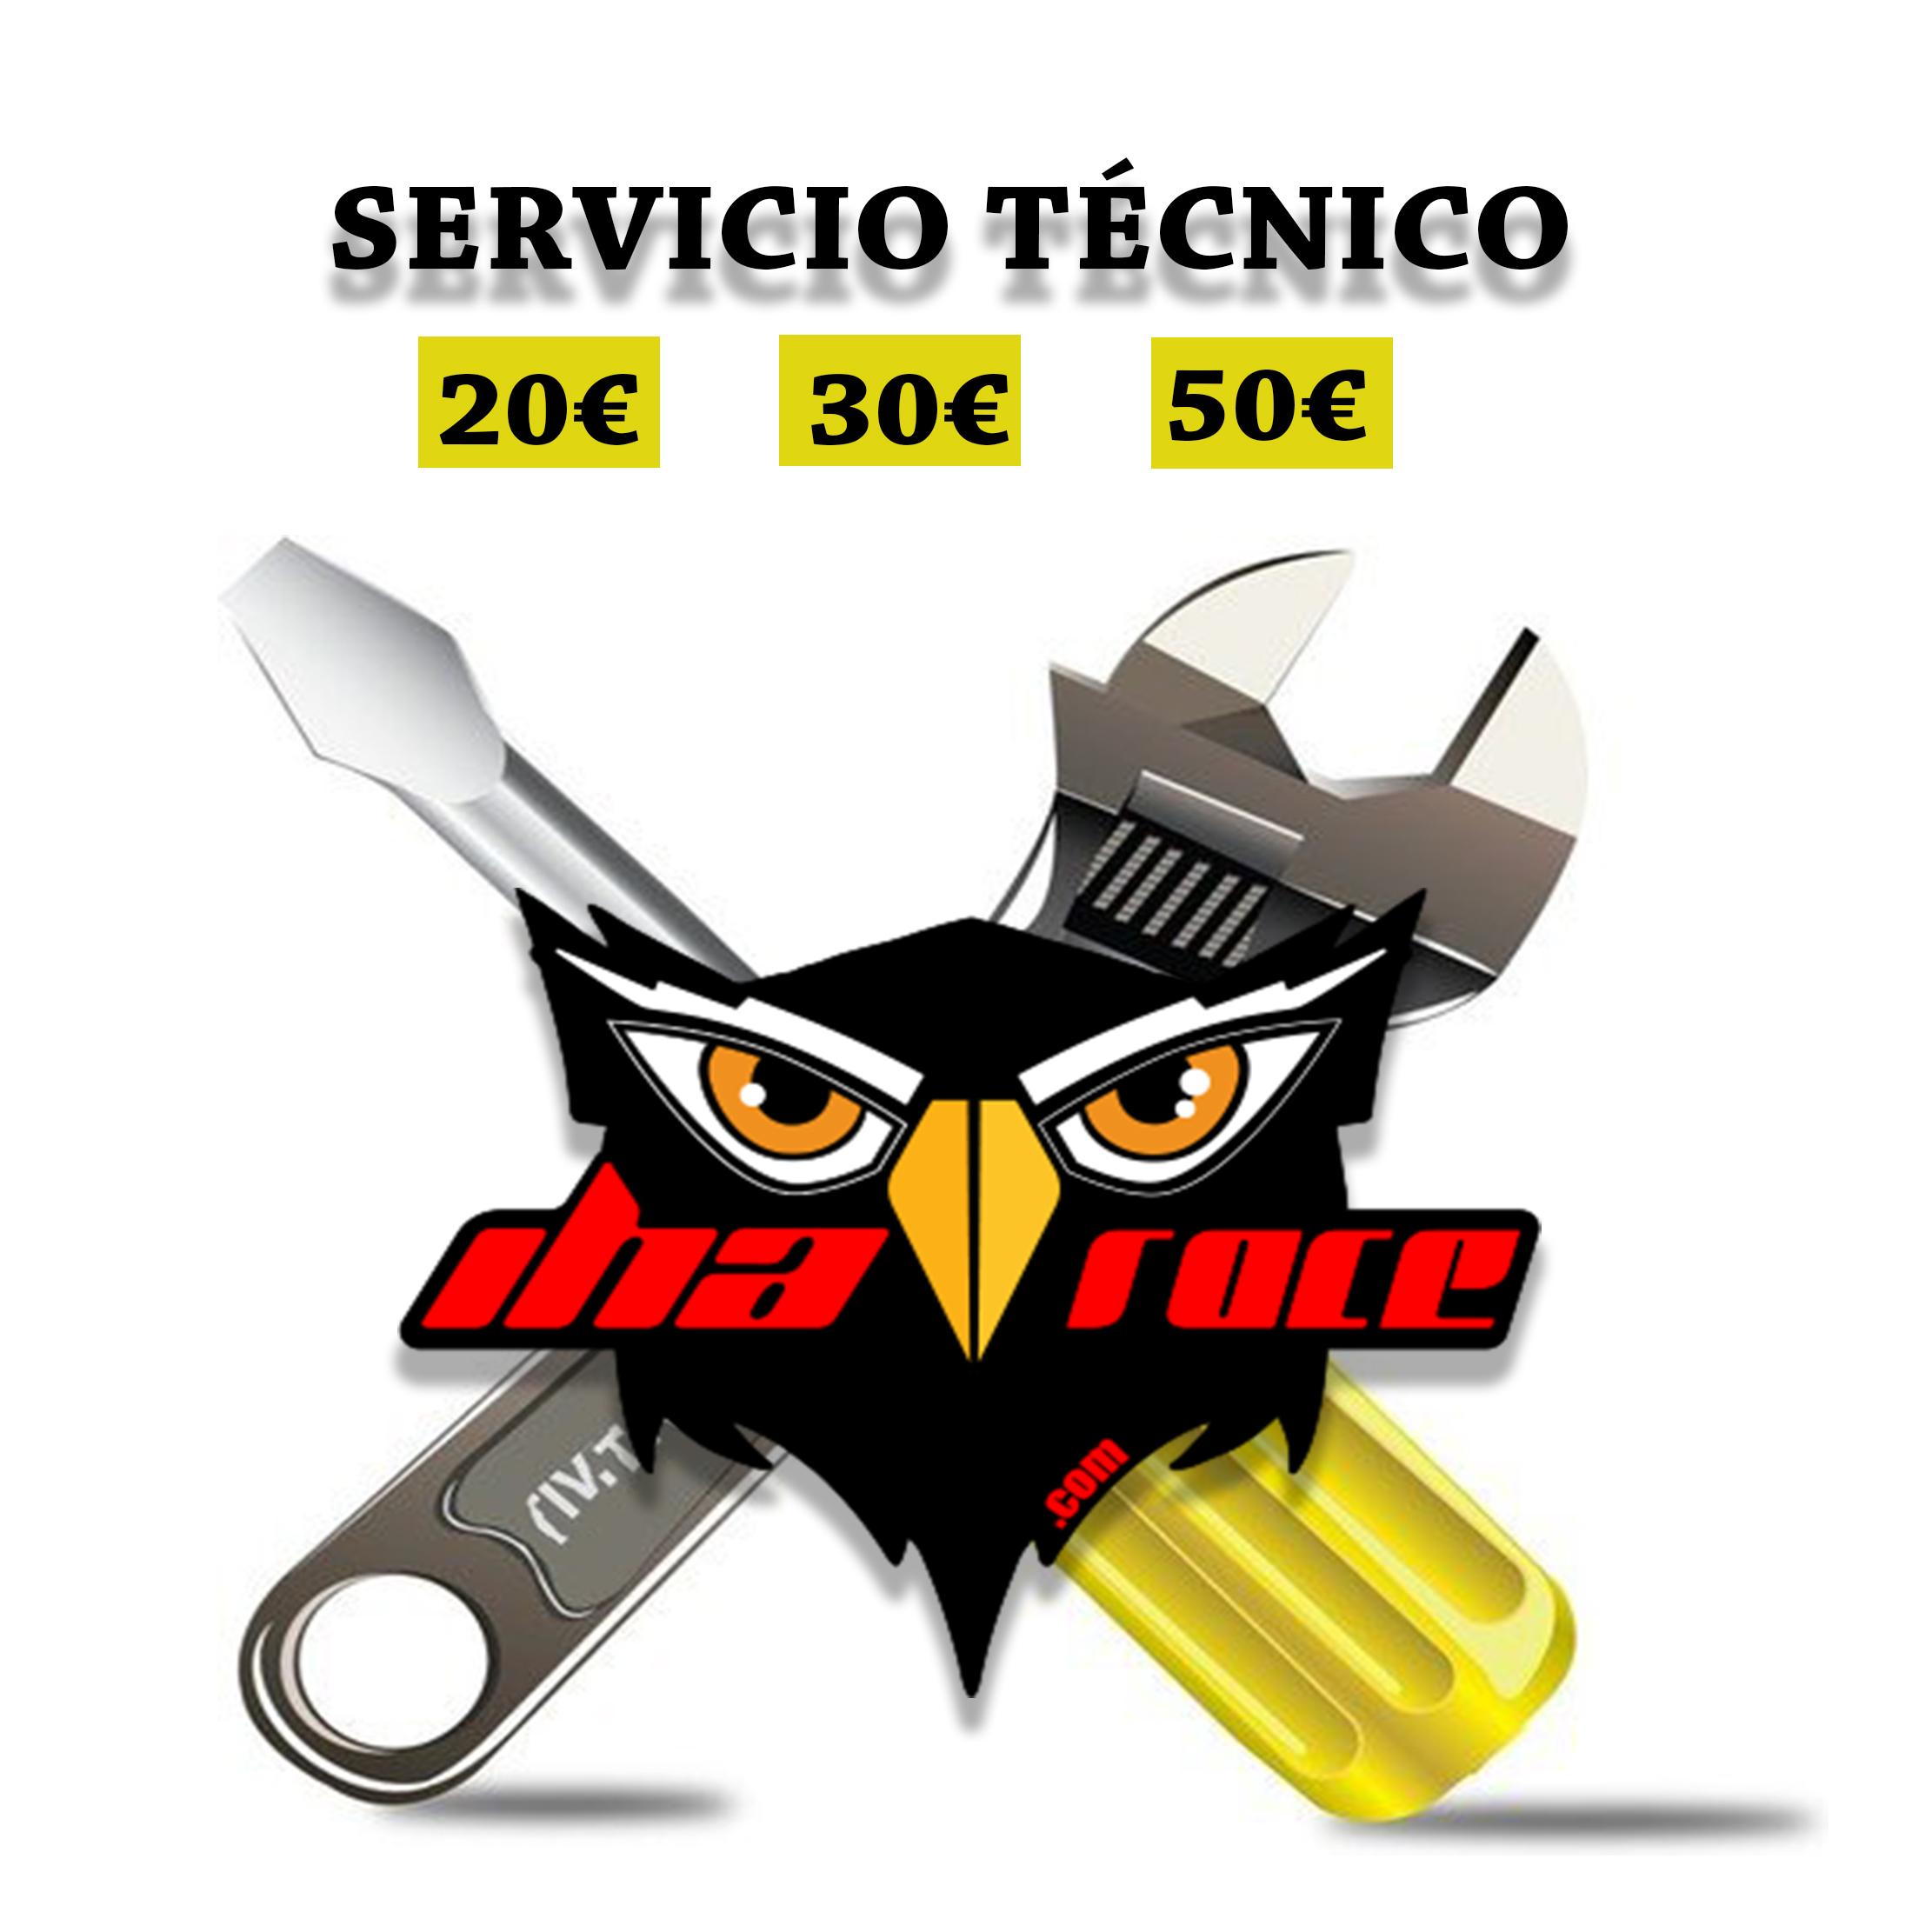 SERVICIO TECNICO FPV